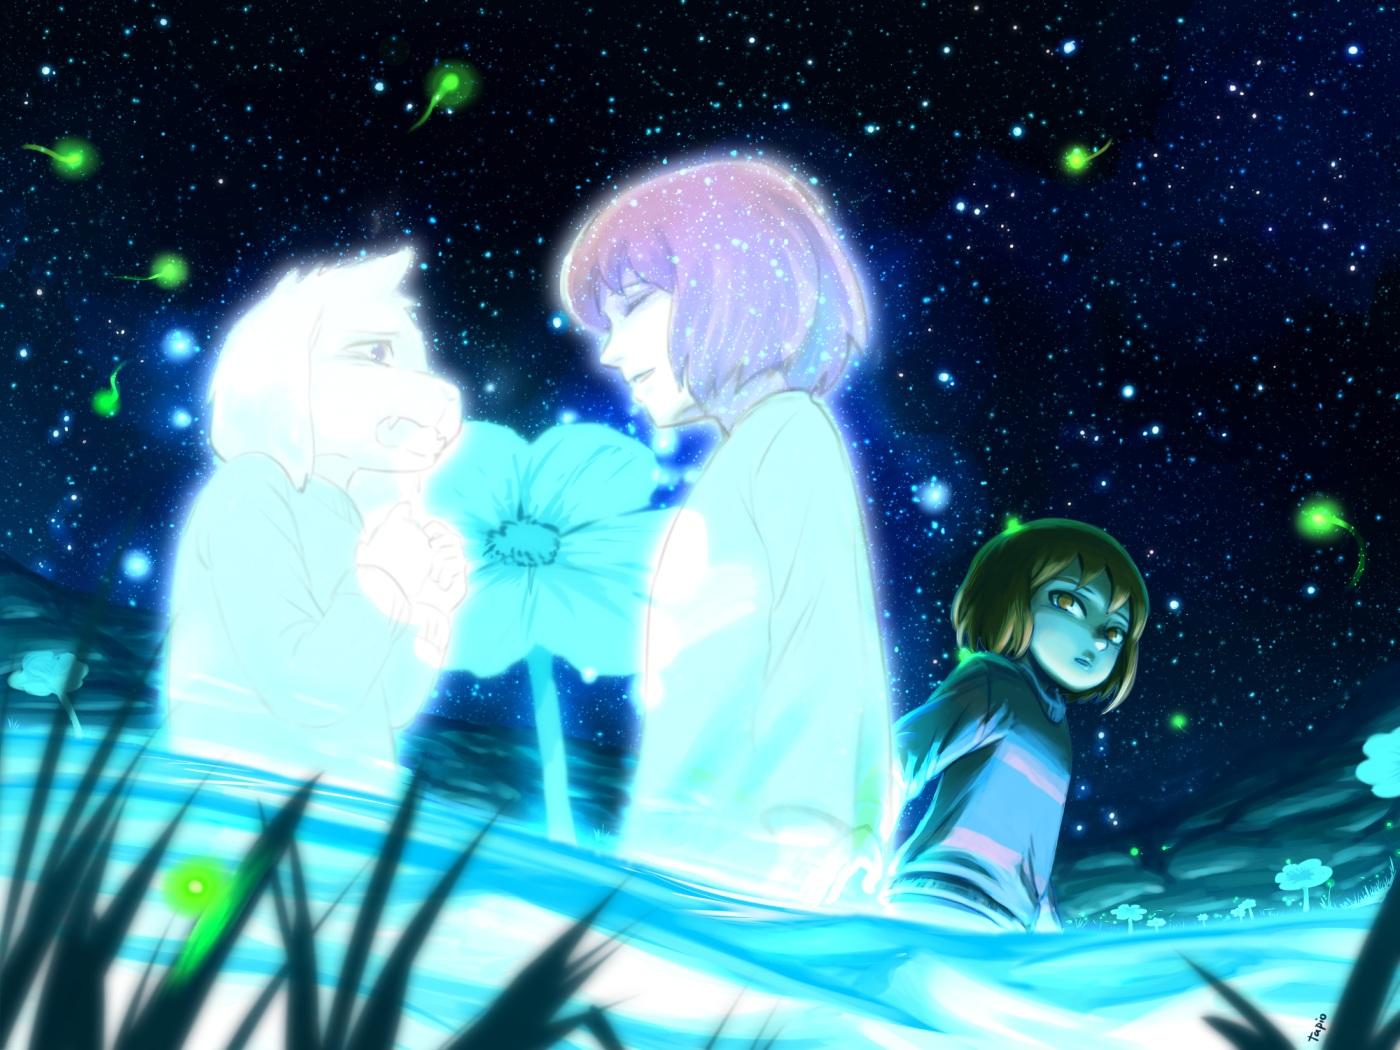 frisk undertale undertale konachancom   Konachancom Anime 1400x1050